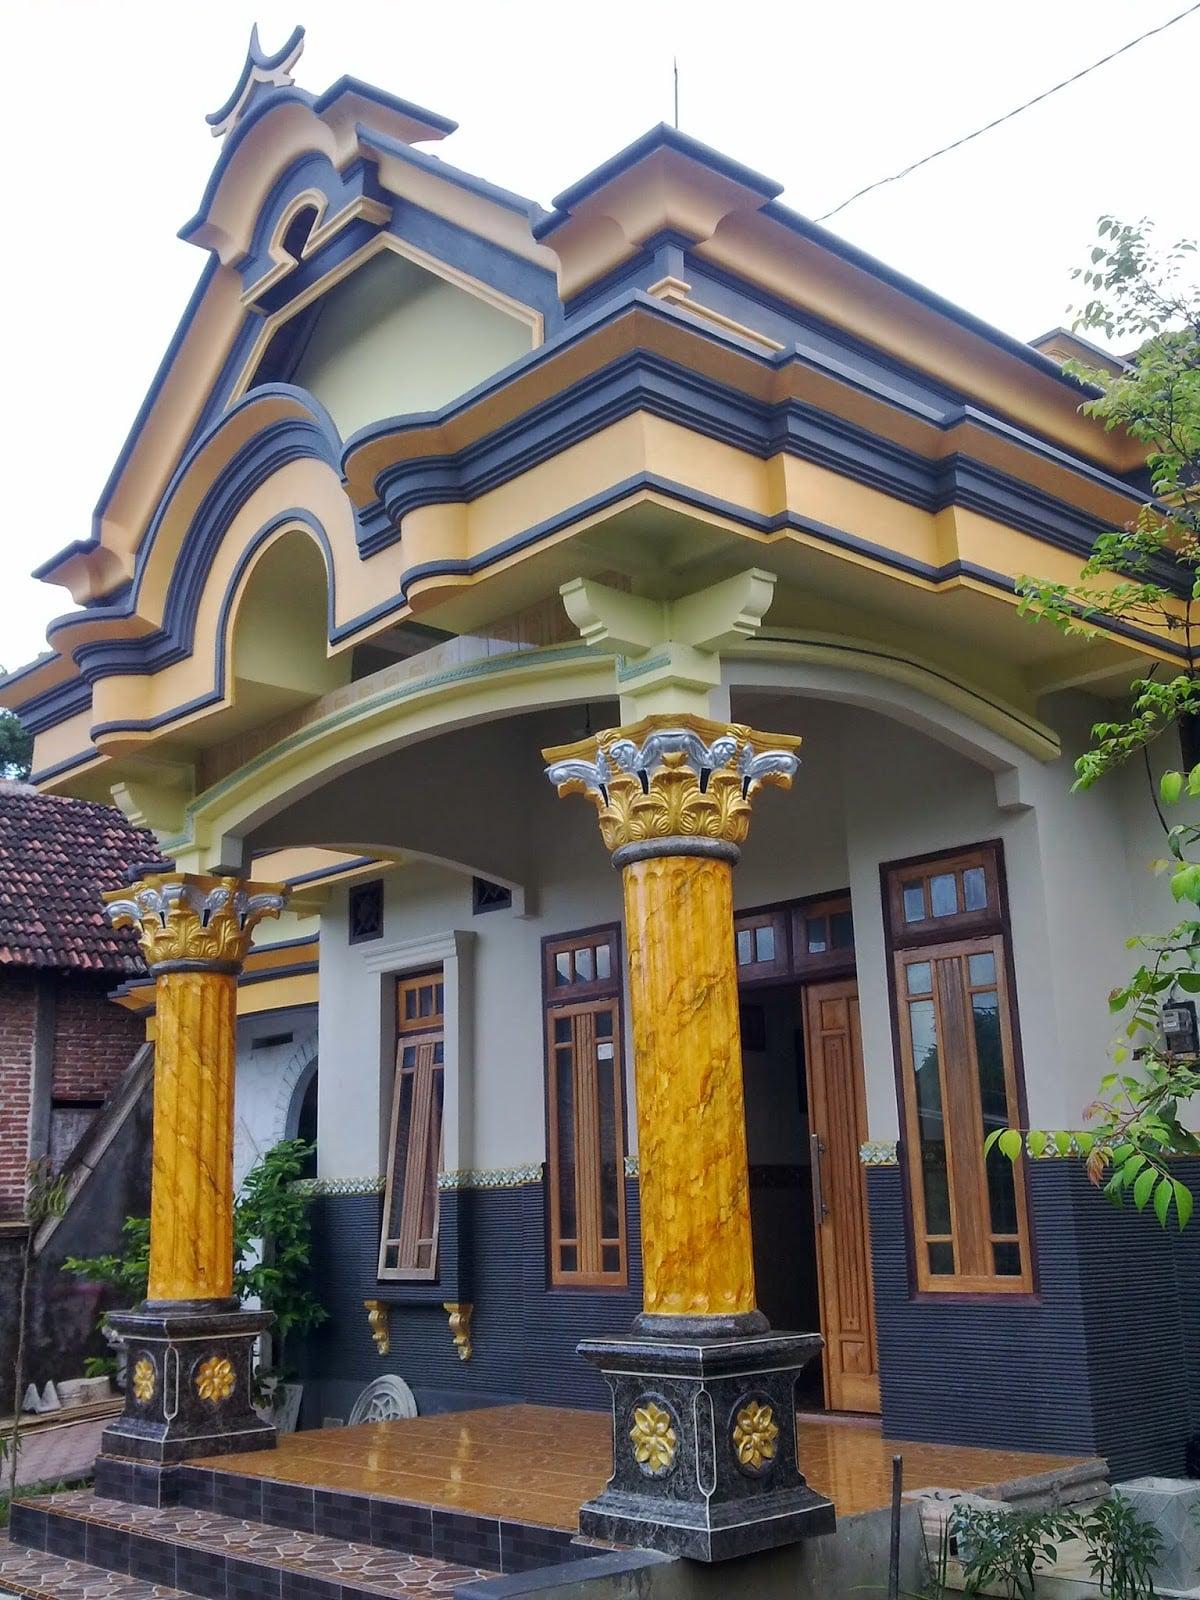 Gambar Teras Rumah Klasik : gambar, teras, rumah, klasik, Trend, Desain, Teras, Rumah, Joglo, Klasik, Terbaik, Deagam, Design